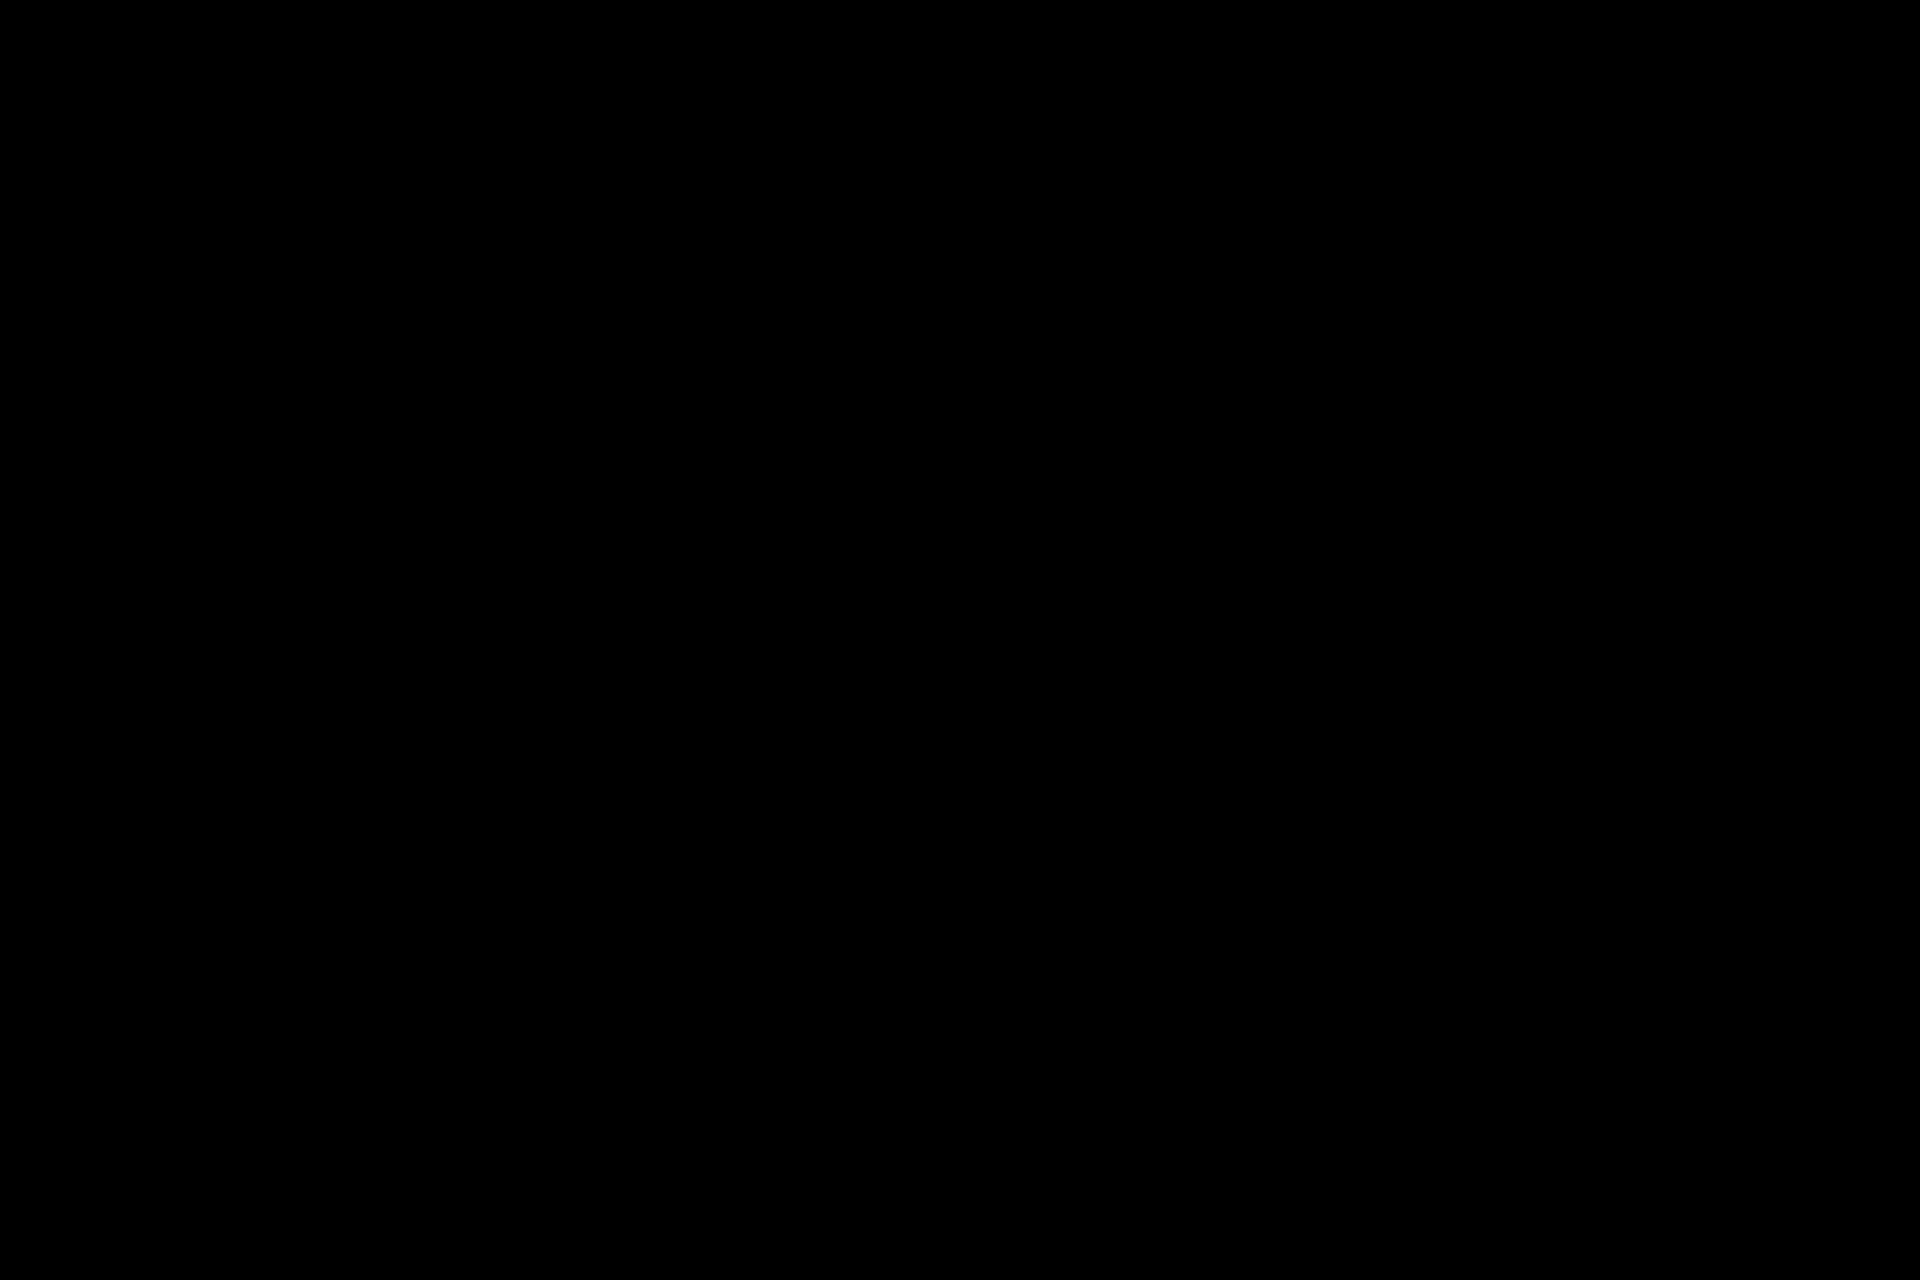 PKW- Freies Fahren -Autohaus Sauer